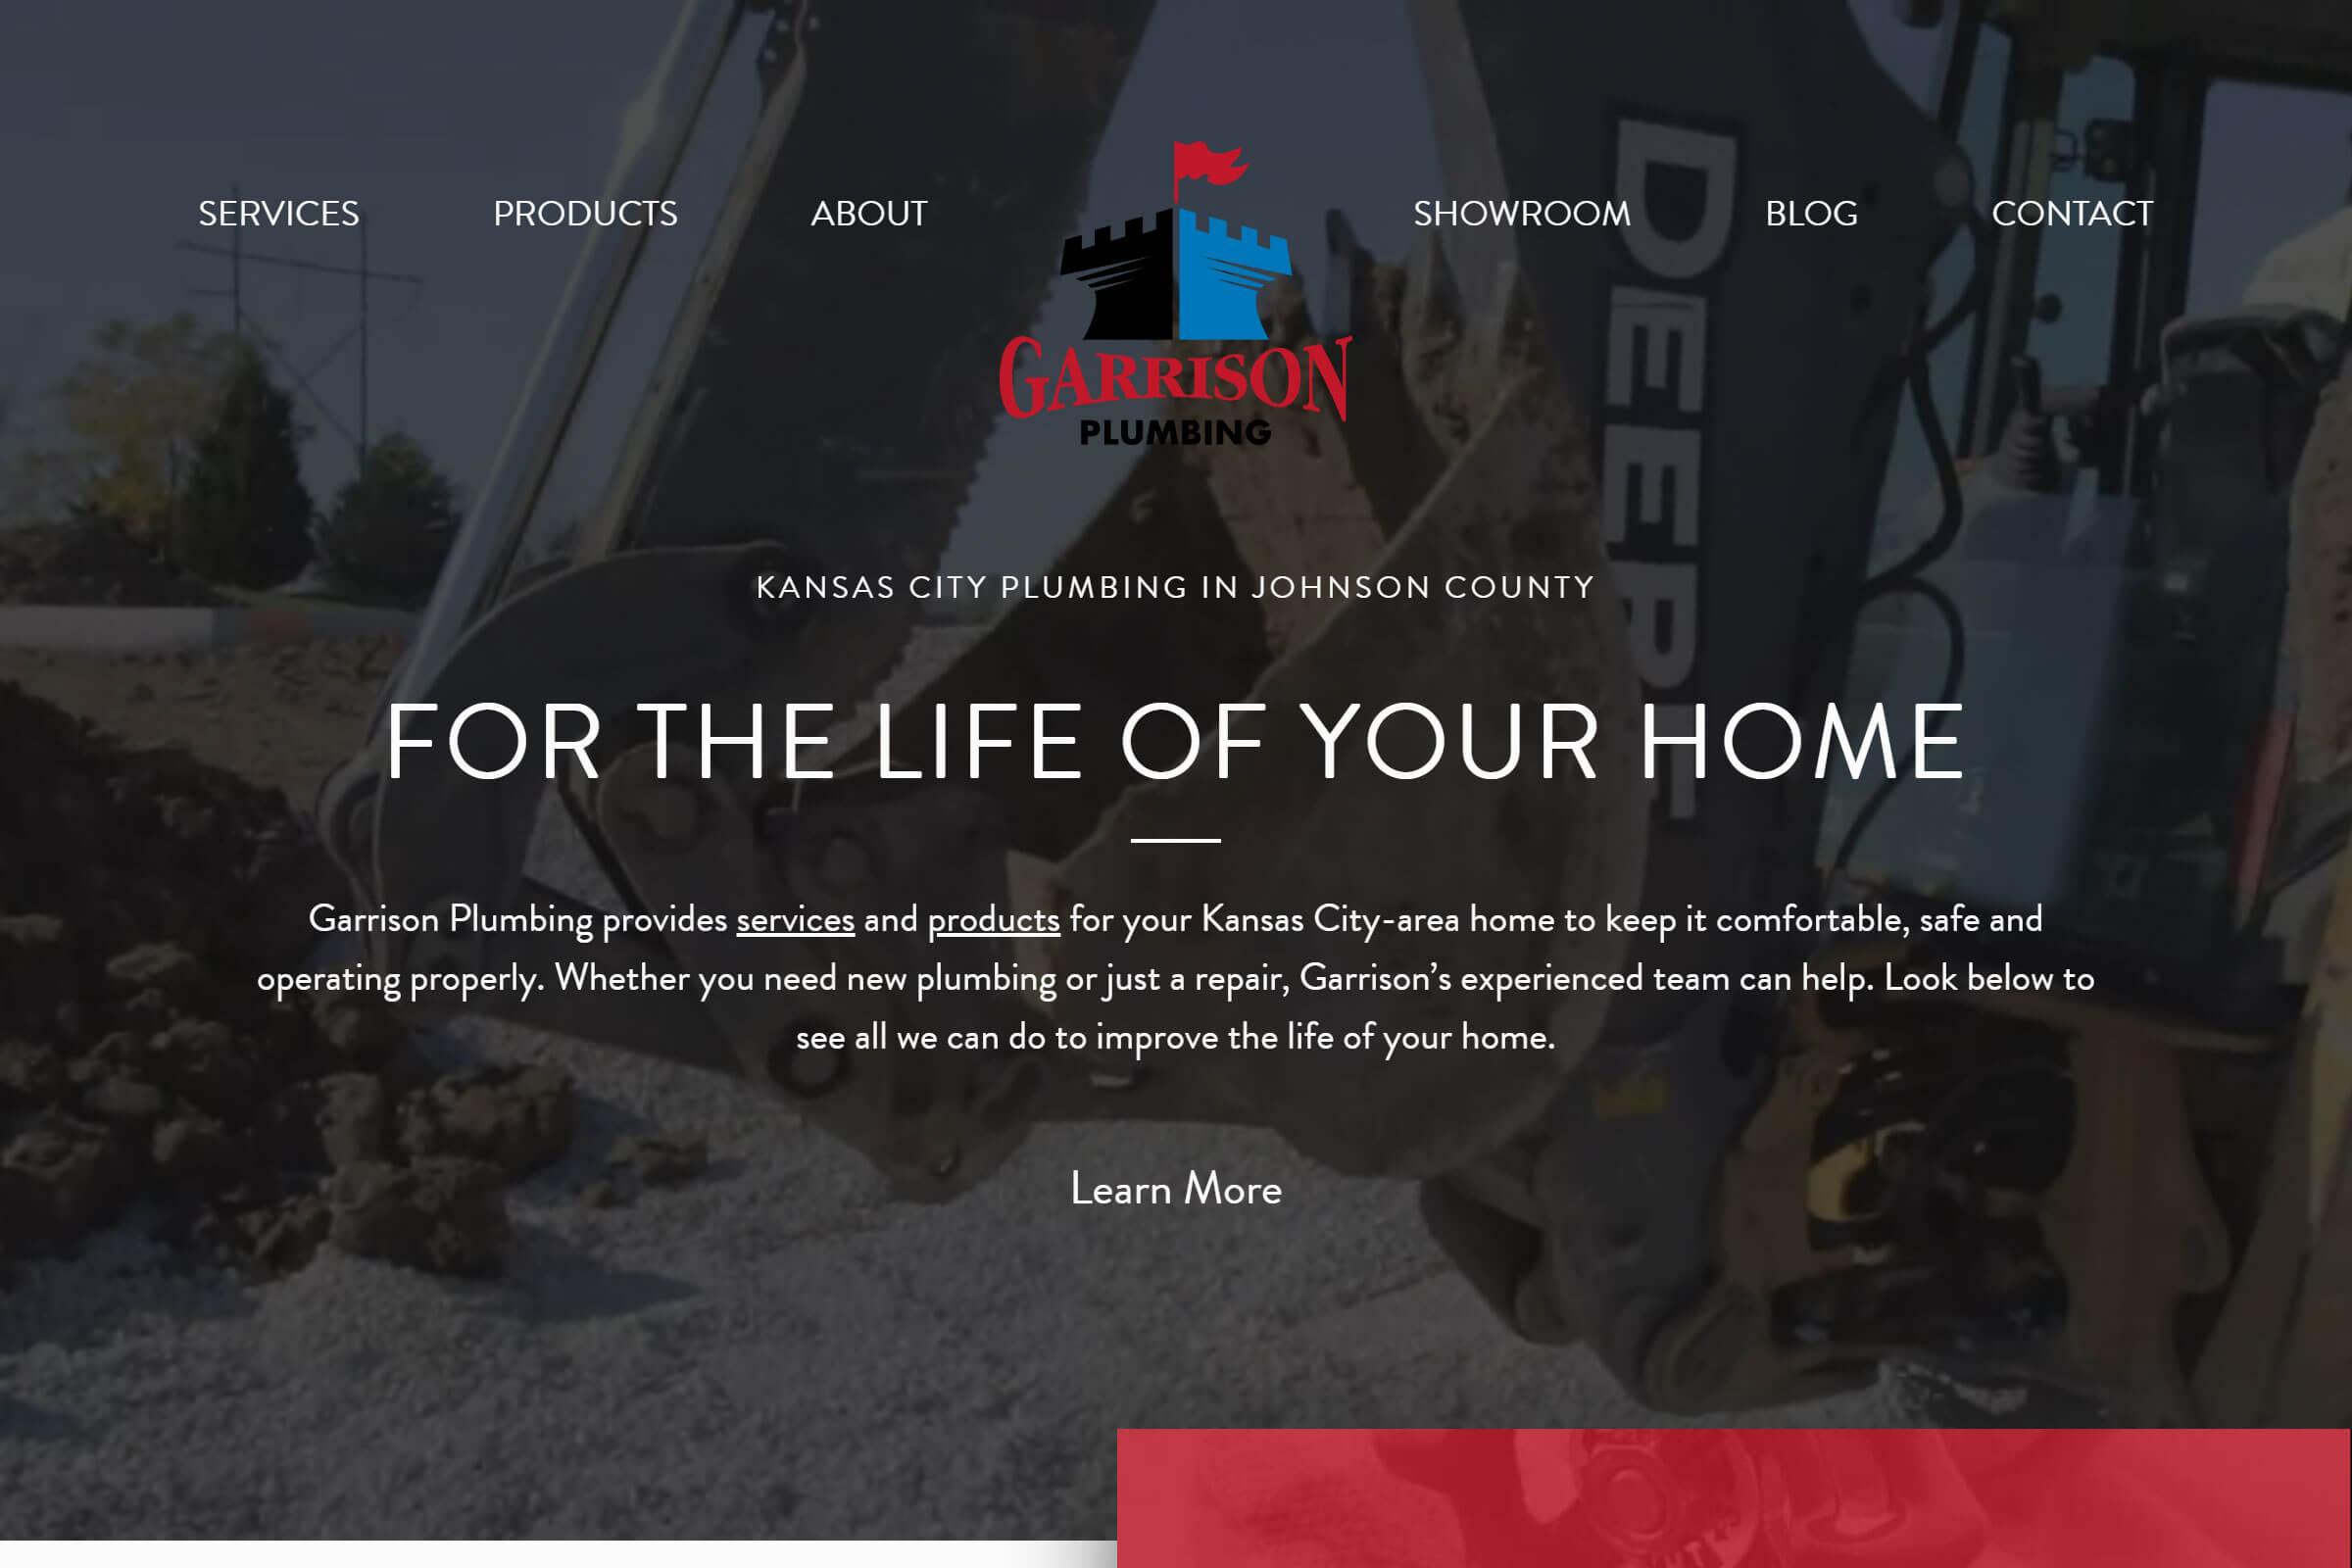 Garrison Plumbing